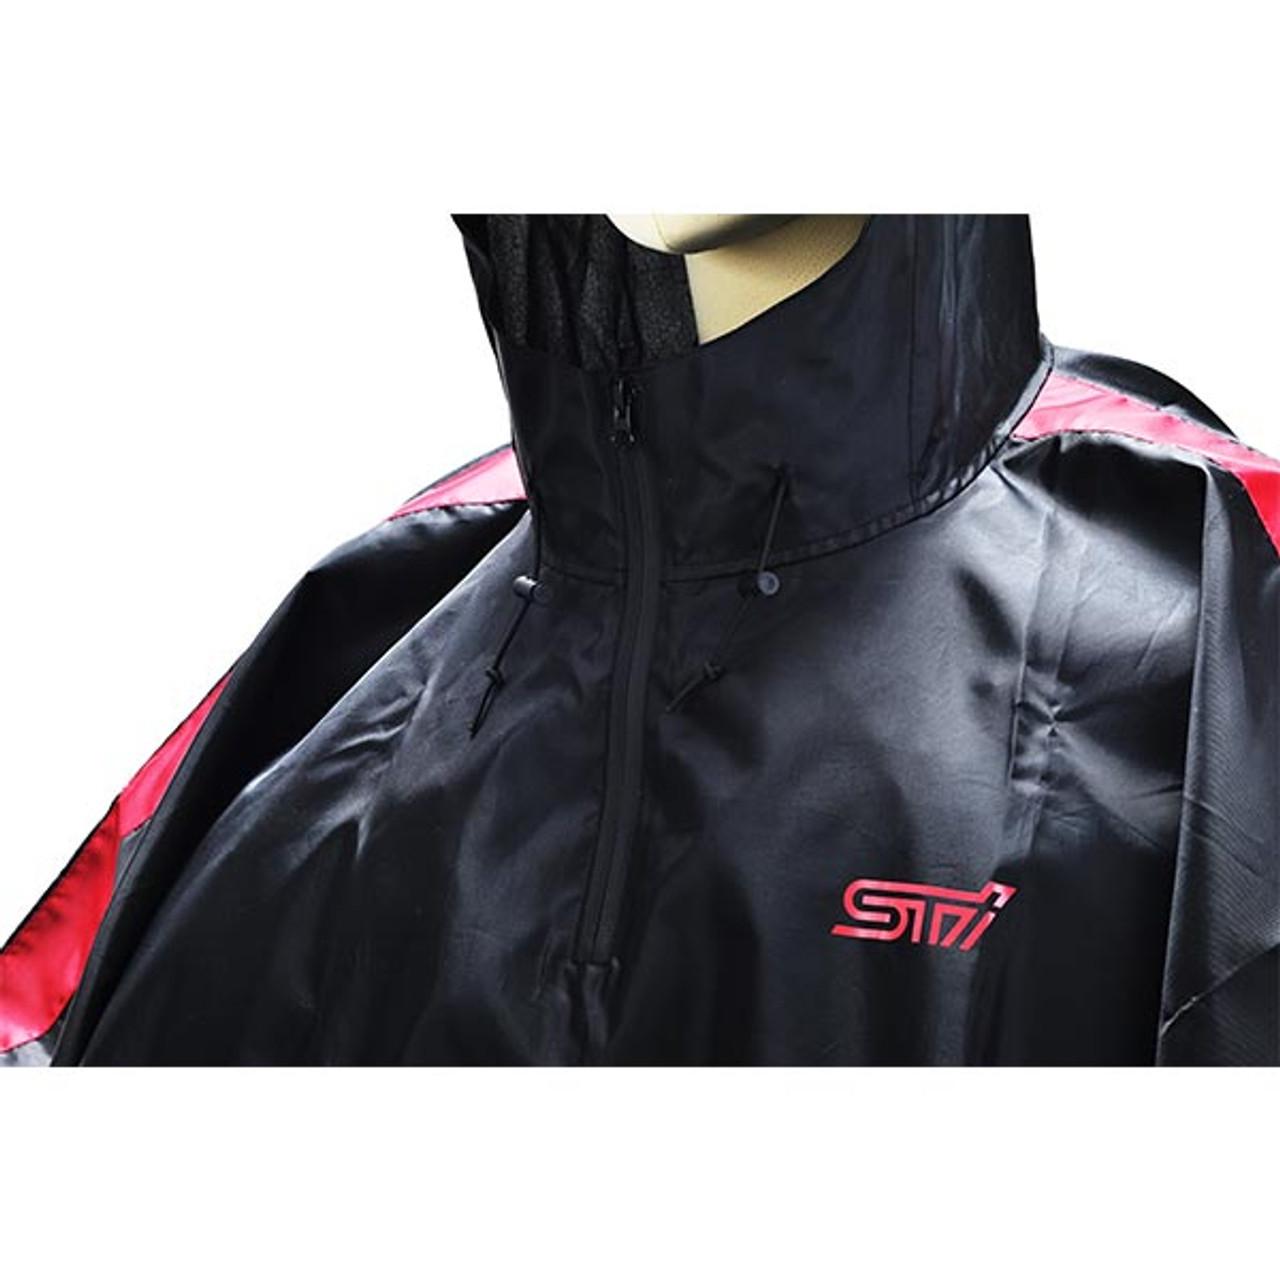 STI Poncho Neck STSG12100400 at AVOJDM.com